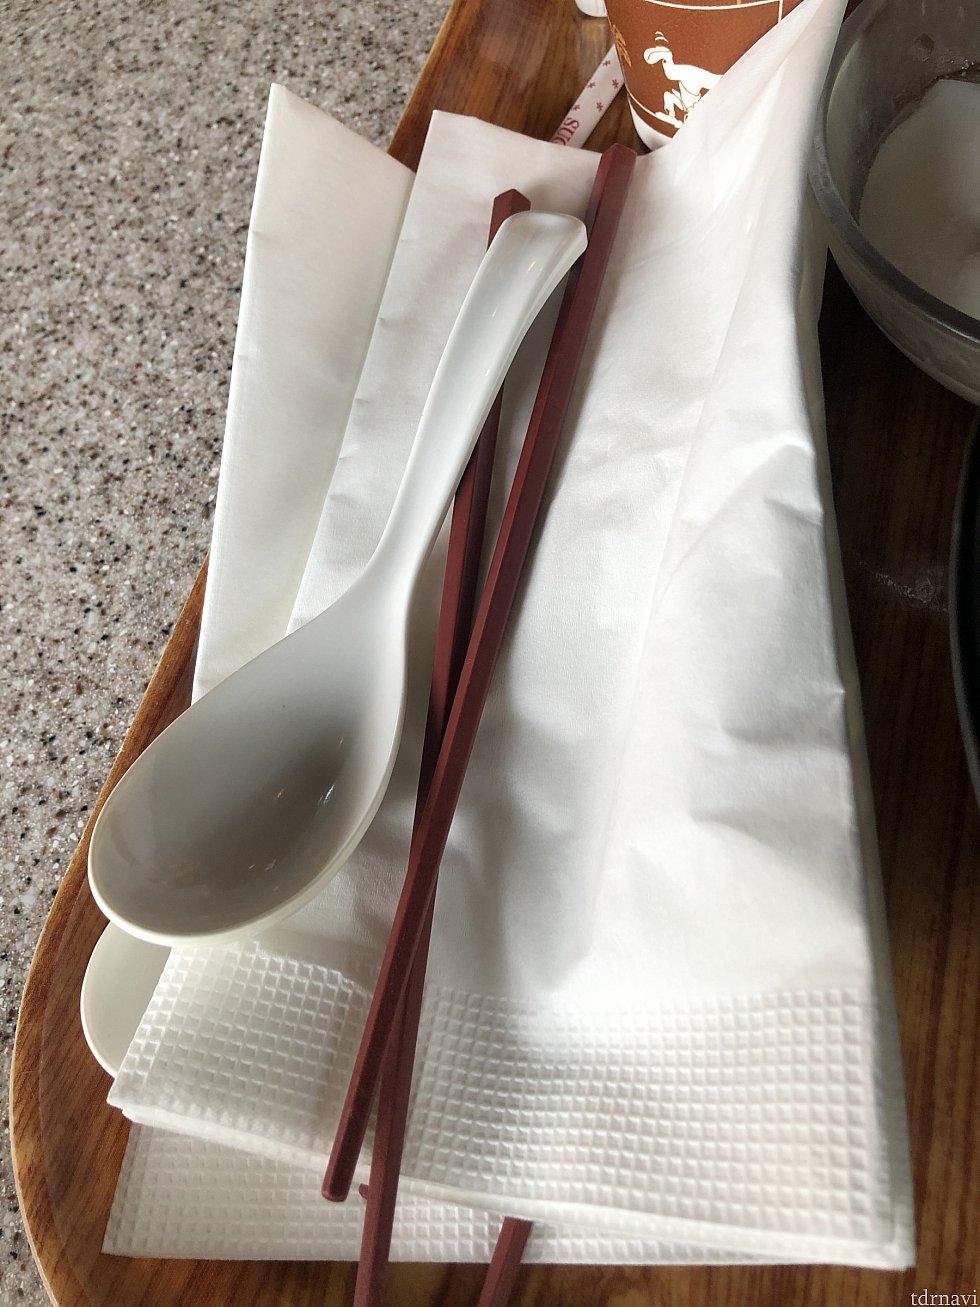 レンゲ、箸、紙ナプキンをセットで配ってくださりました